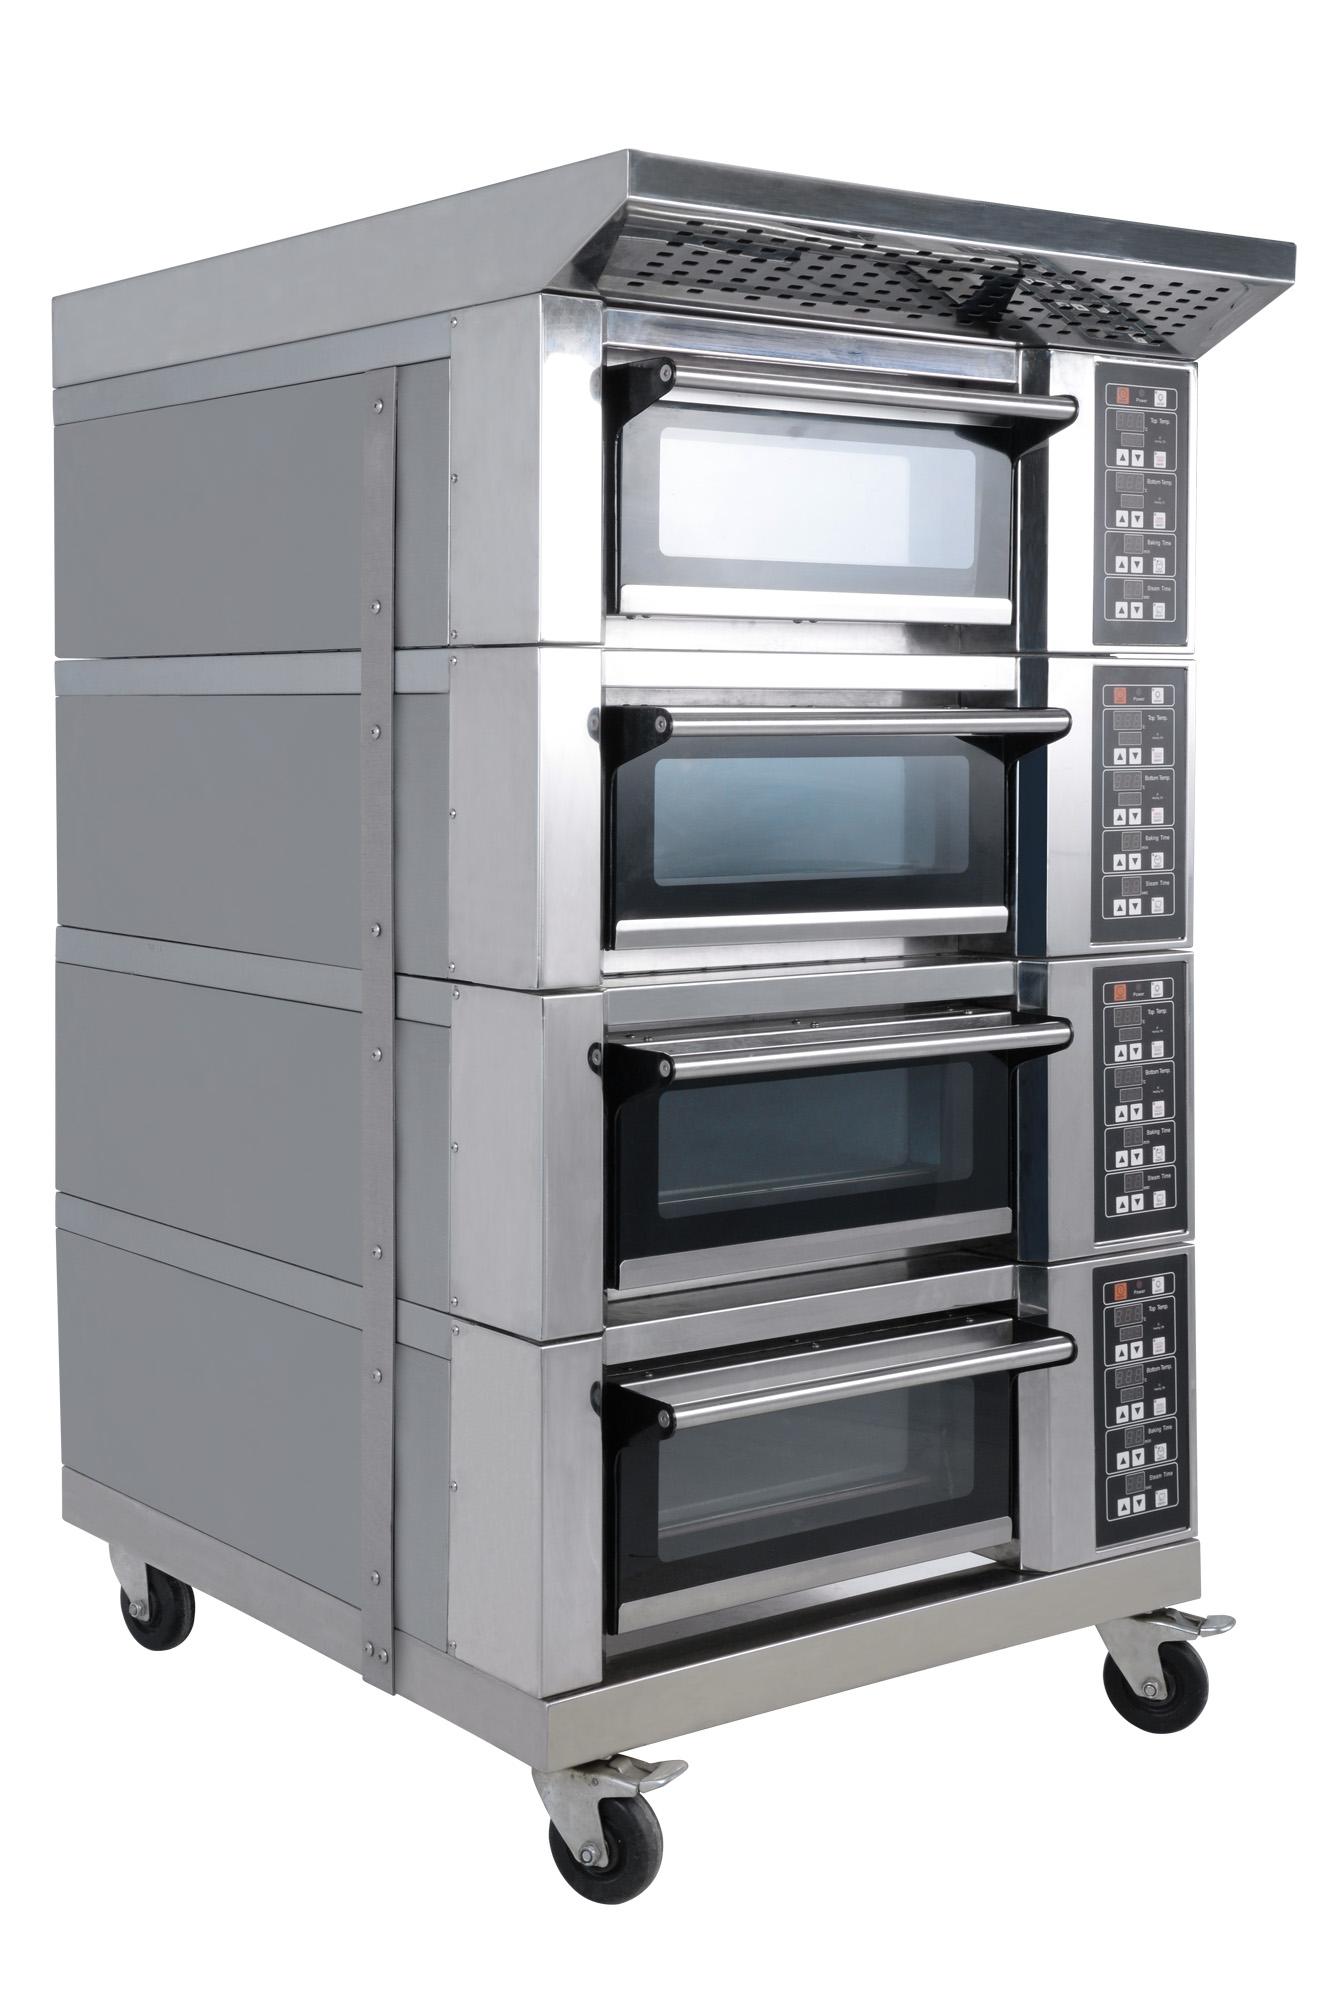 YX-9A系列远红外电热食品烤炉是采用远红外辐射金属电热管为发热元件,以热辐射作用透入物体内部,加热速度快,被烤物品受热均匀,色味兼优,符合食品卫生标准,炉温可在20-300范围内任意调节,并能自动恒温,本产品设有定时,自动控温,手动控温等多种功能可供选择,操作方便,性能可靠。 YX-9A系列电烤炉采用分层各自独立控制结构,每一层的底火及面火均可以控制,因而烘烤质量特别理想,本产品主要用于烘烤面包及饼食等,是中小型糕厂(店)及工矿企业机关,学校等单位食堂最理想的设备。 性能特点: 1.